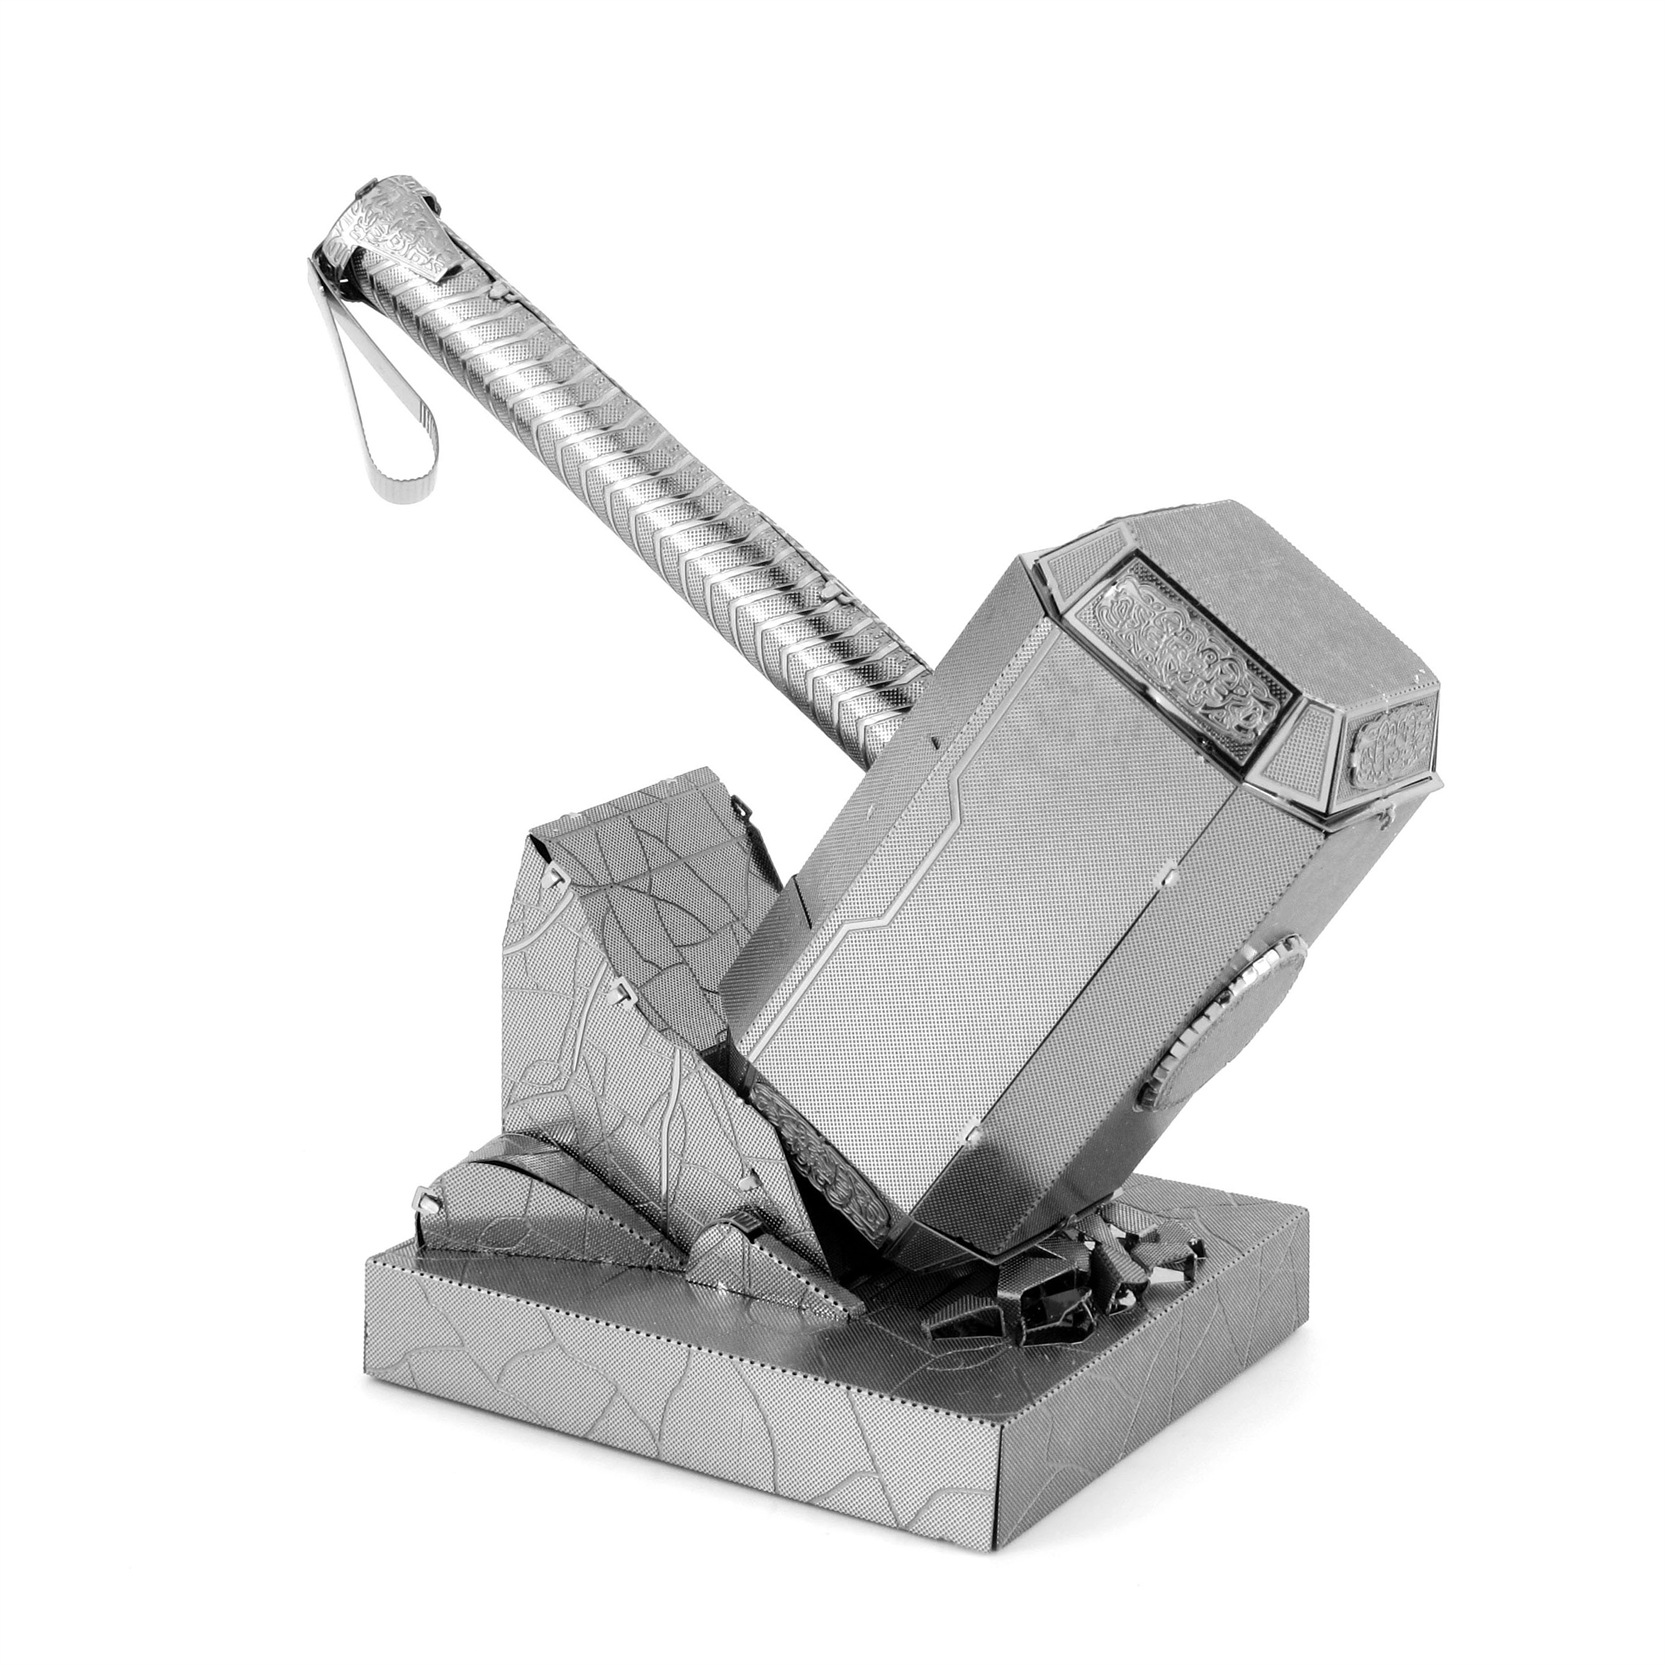 爱拼 金属diy拼装模型3D立体拼图 复仇者联盟 雷神之锤